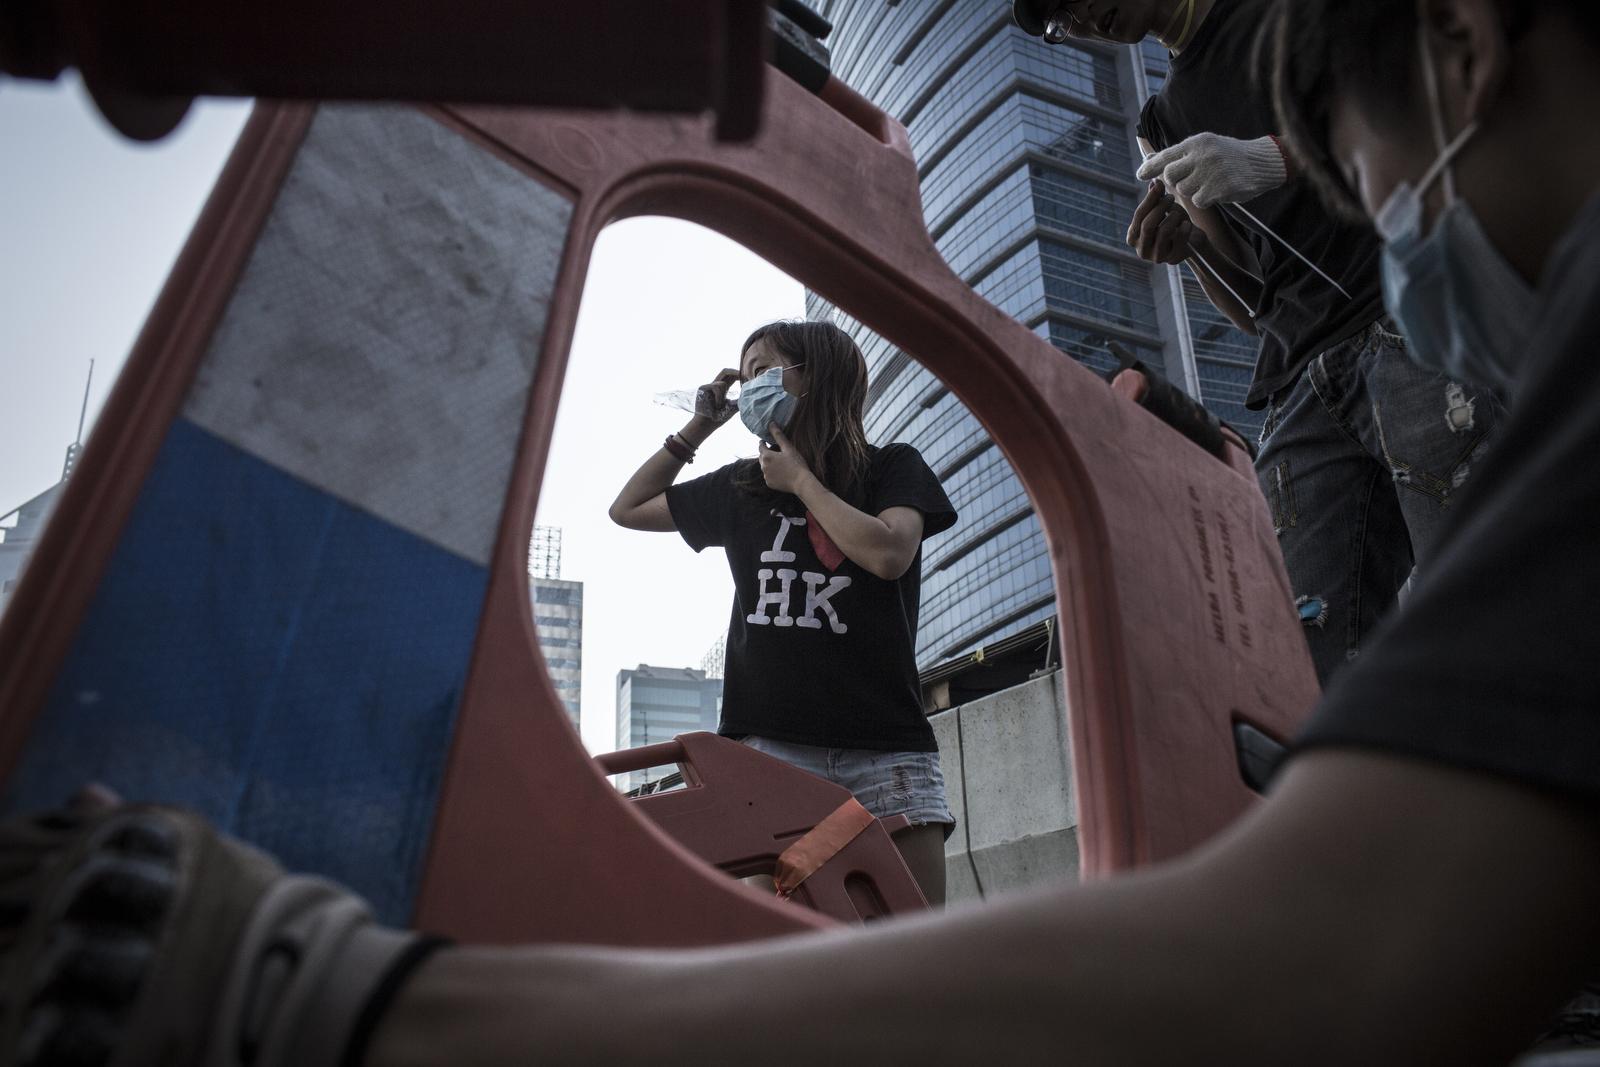 MATHIEU_WILLCOCKS_Hong Kong_Protest_0005.jpg